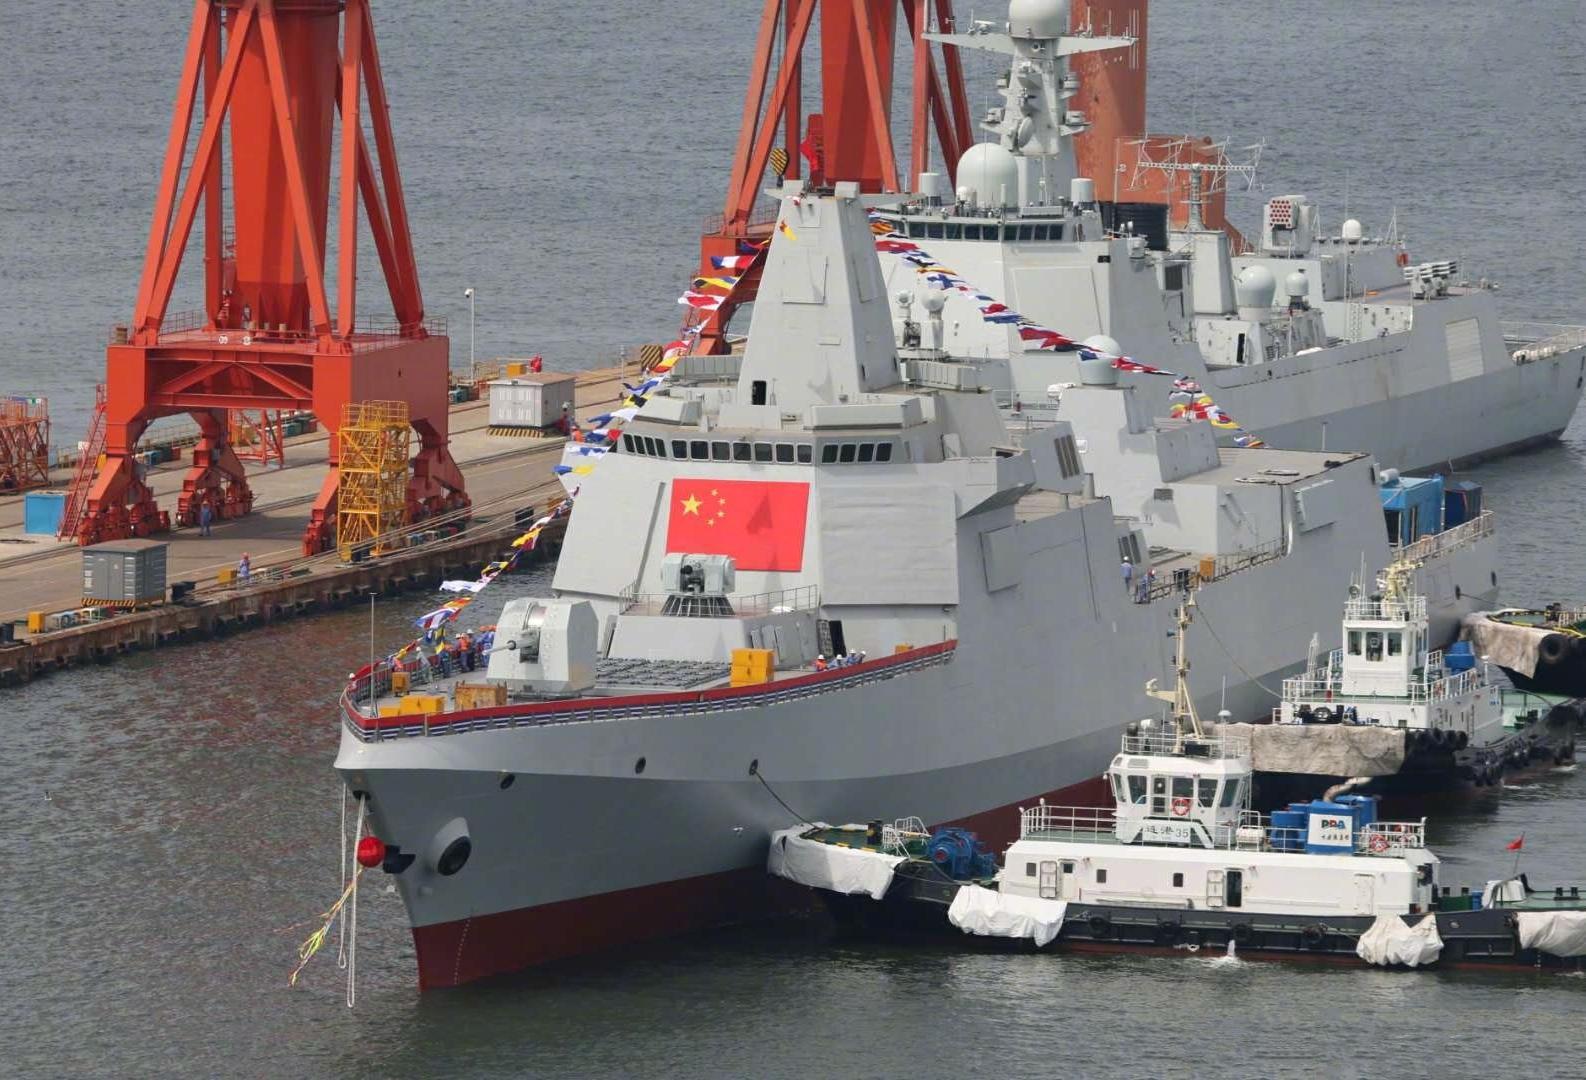 055大驱拉萨舰揭幕,美专家:美军对华的最大优势正在逐渐丧失!